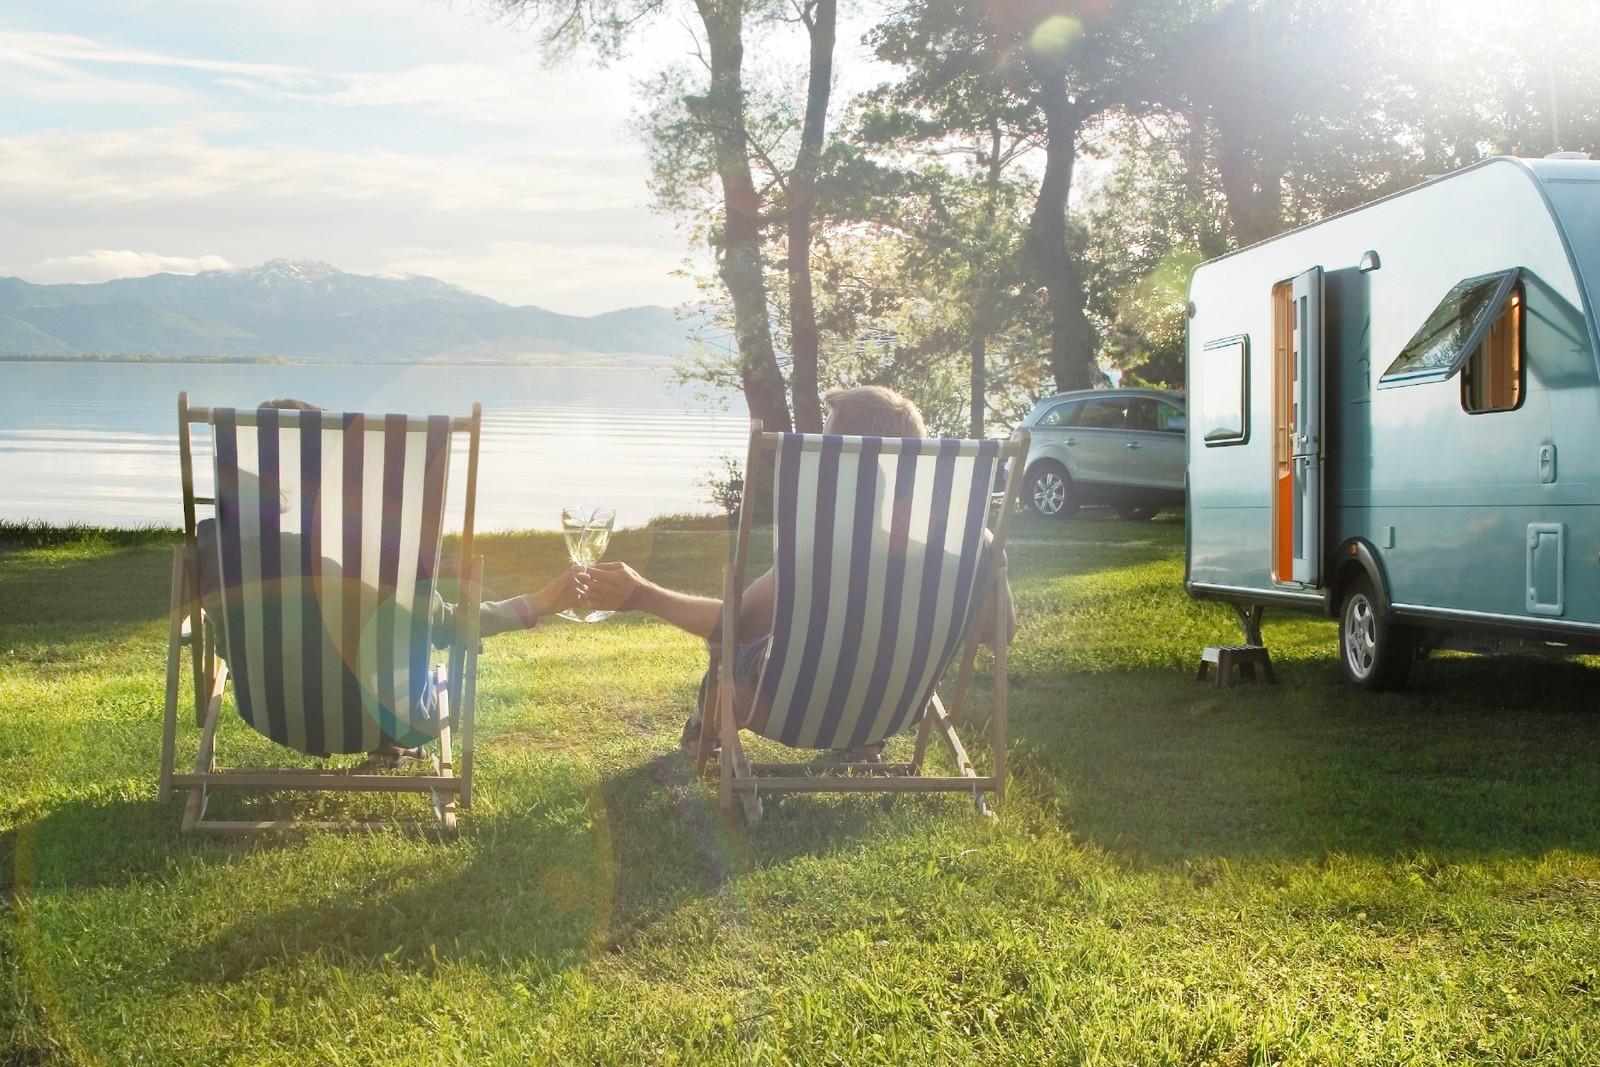 campingplatz-liege-chiemsee-alpenland.jpg